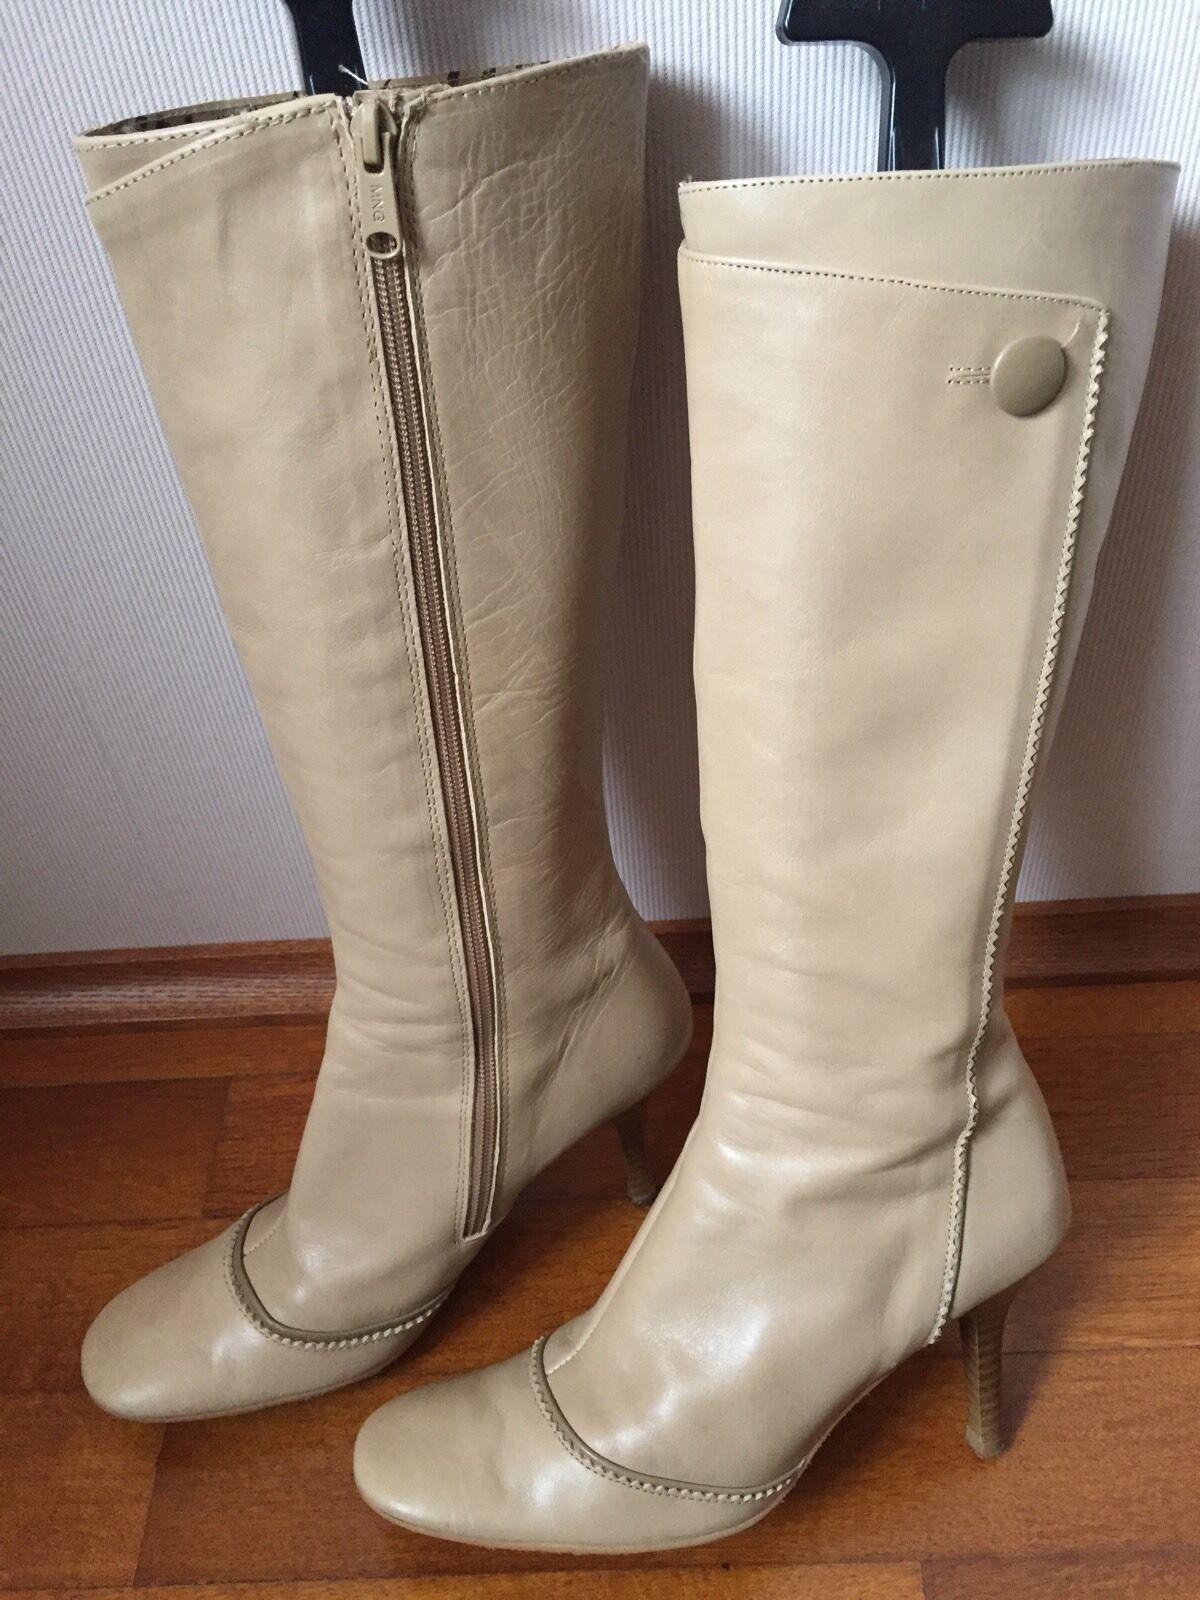 Stiefel von Mng Mango Mng von 38 UK5 Beige Creme Blogger Leder Leder Neuw. 24a362